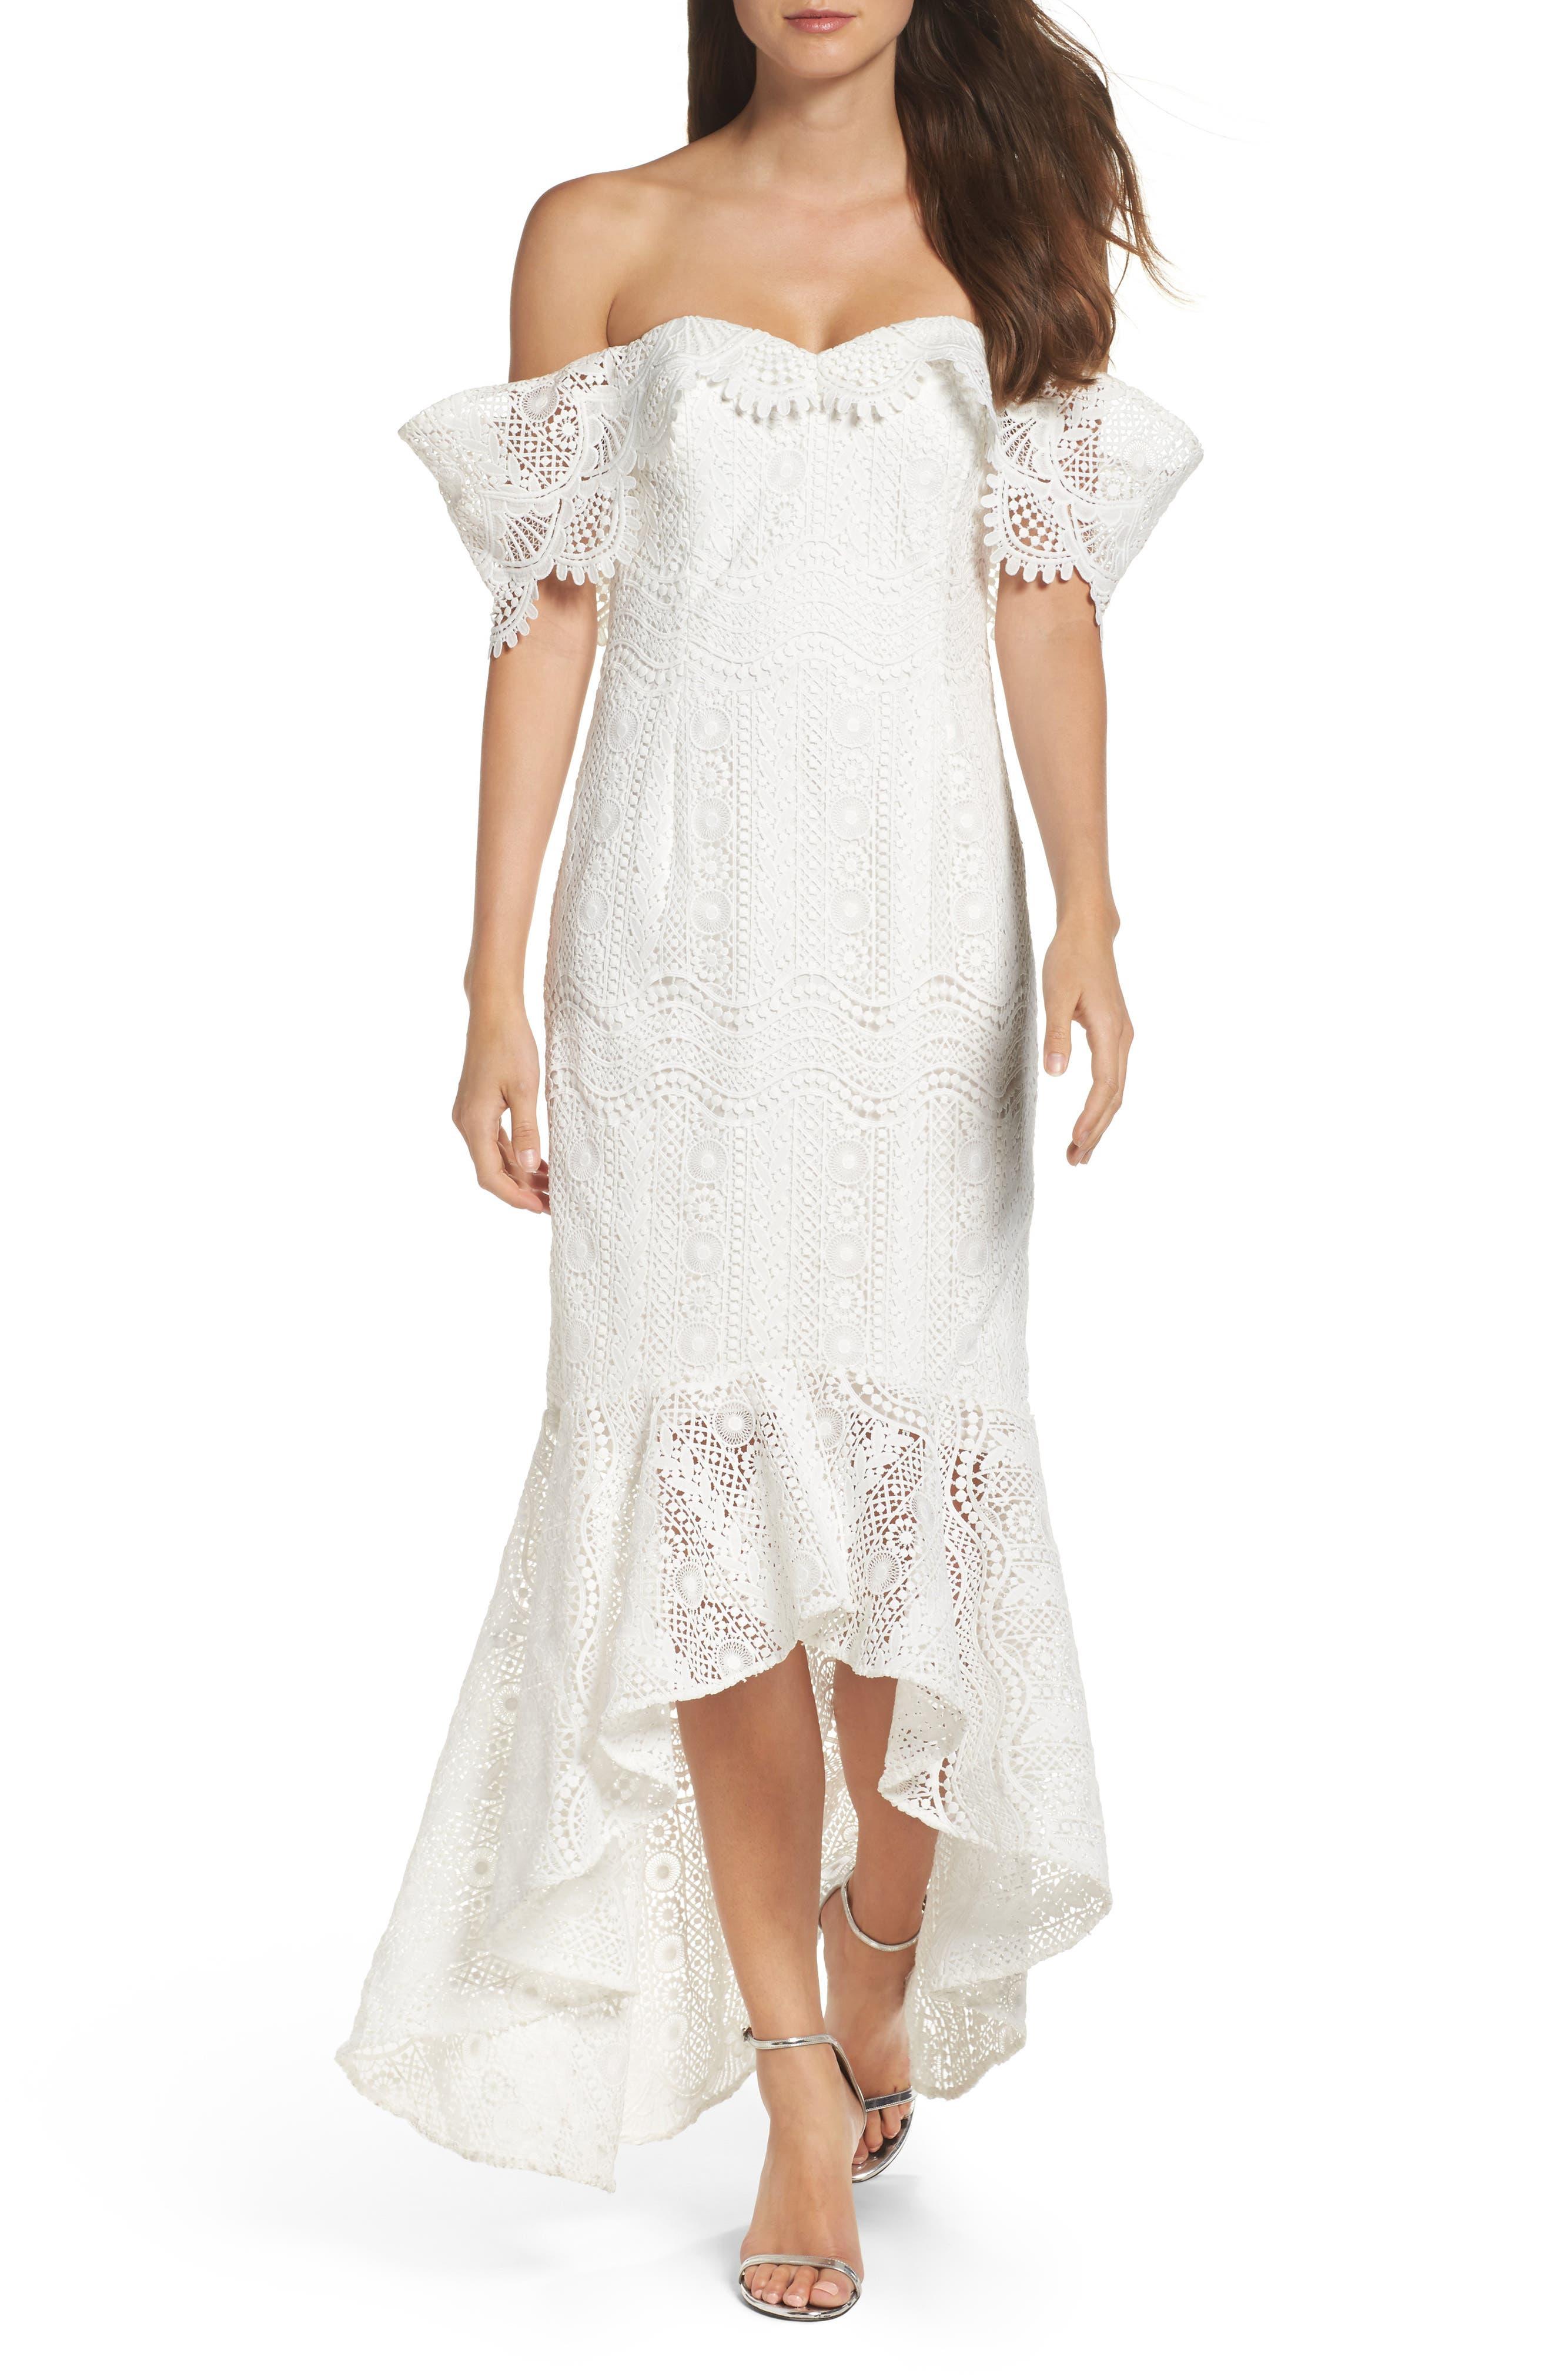 Shoshanna Vanowen Dress